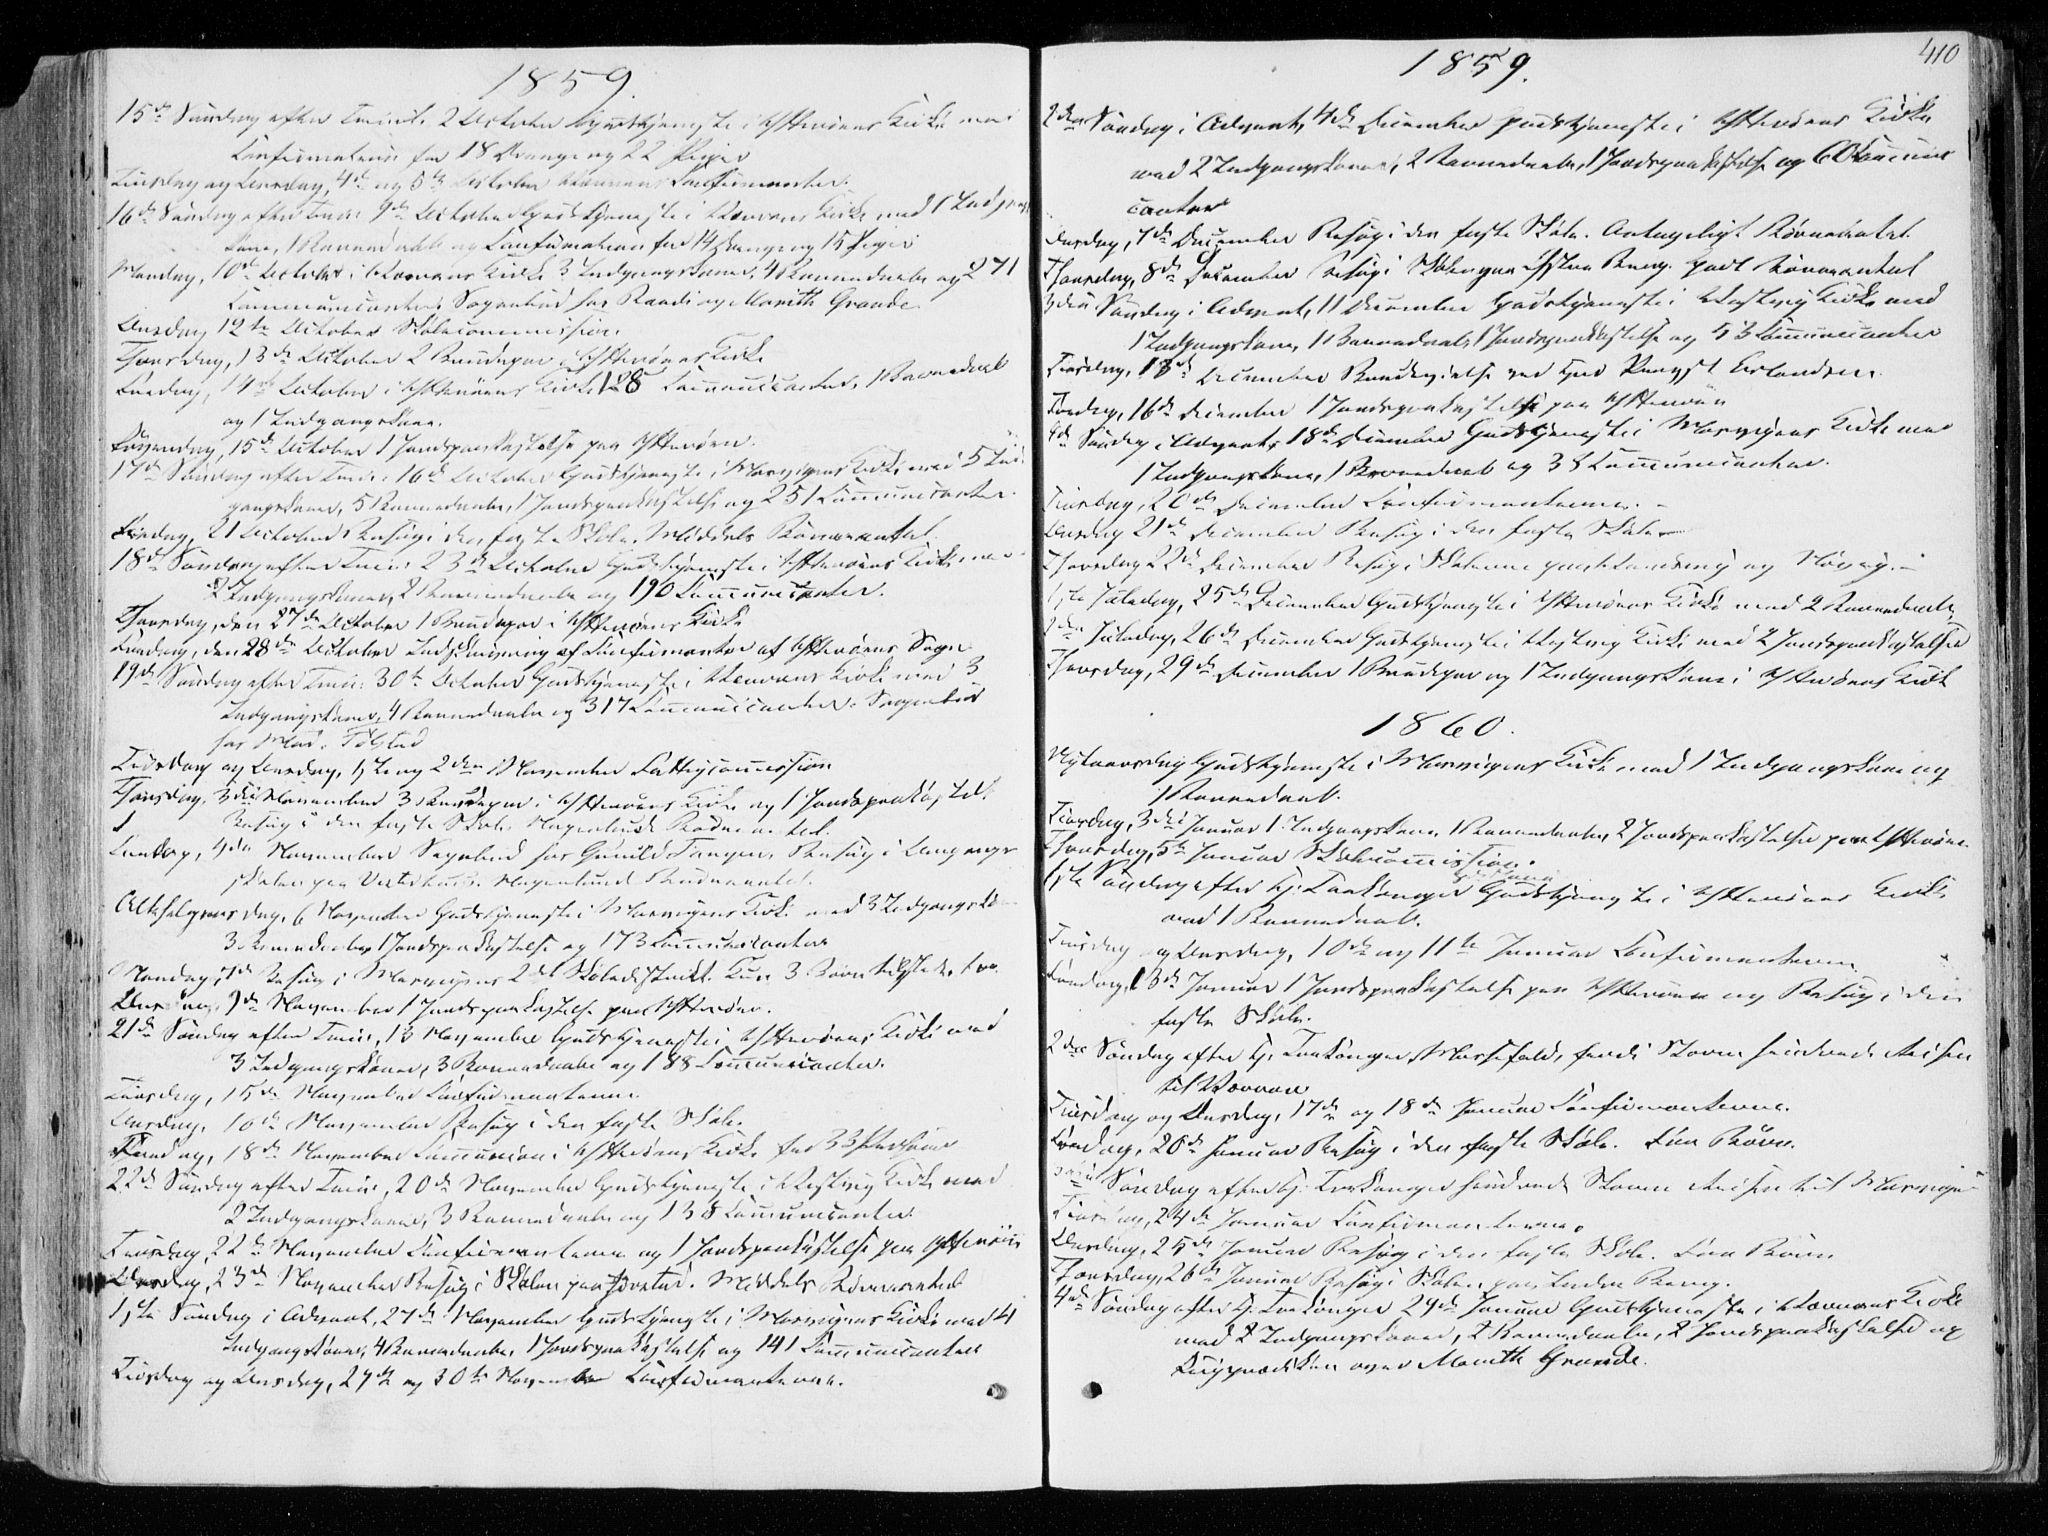 SAT, Ministerialprotokoller, klokkerbøker og fødselsregistre - Nord-Trøndelag, 722/L0218: Ministerialbok nr. 722A05, 1843-1868, s. 410